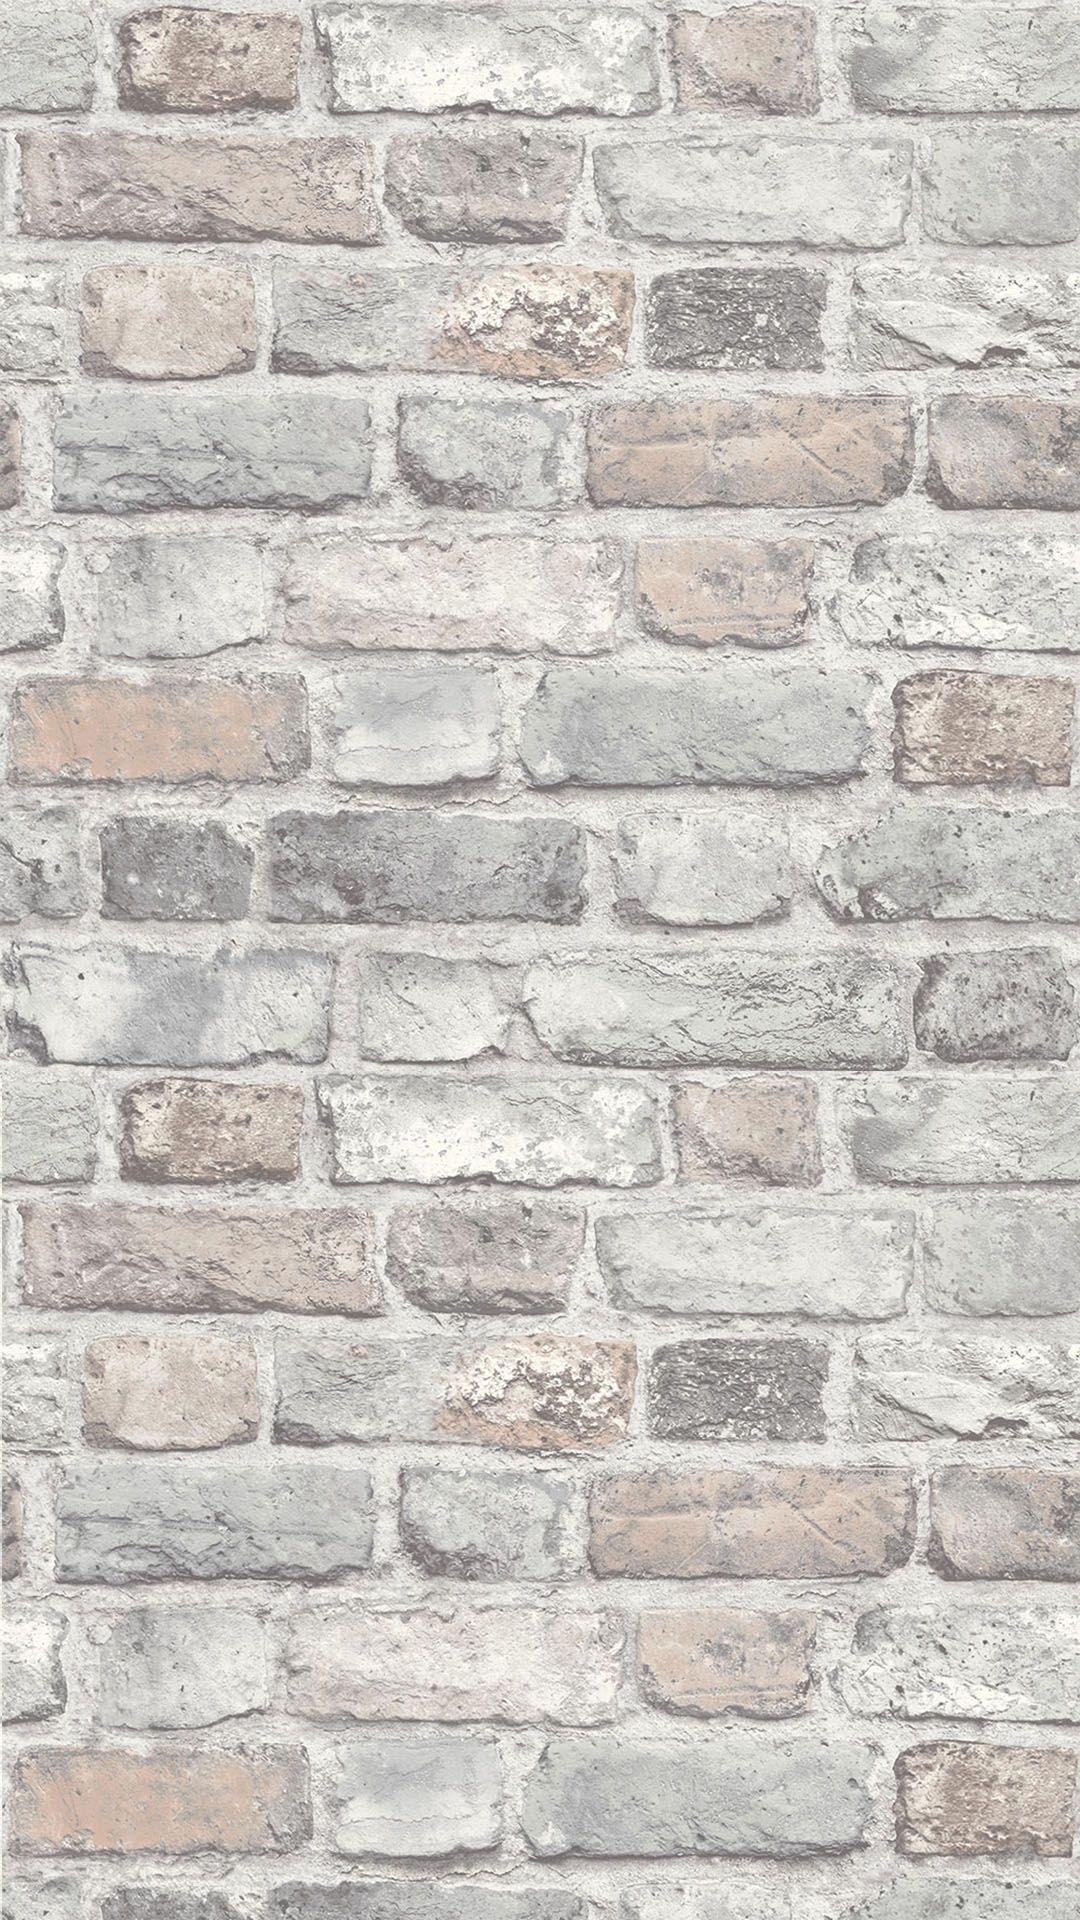 Battersea Brick Wall Effect Wallpaper Pastel In 2020